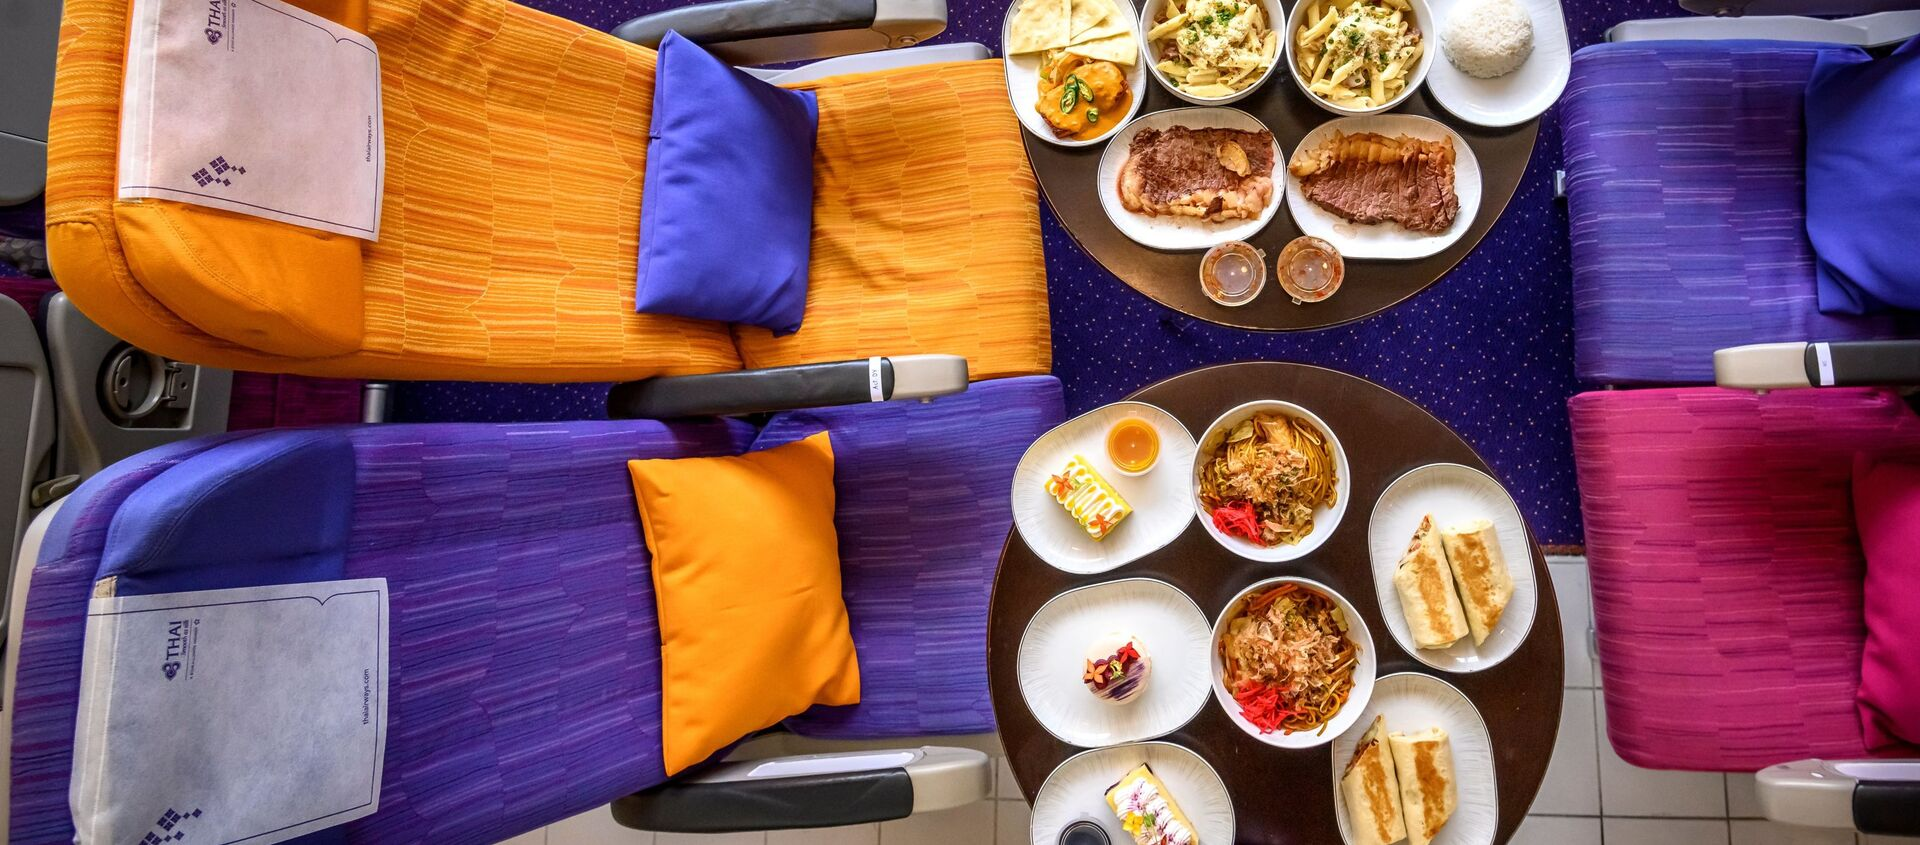 Еда на столе напротив кресел в переделанном в кафе самолете в Таиланде  - Sputnik Узбекистан, 1920, 12.10.2020